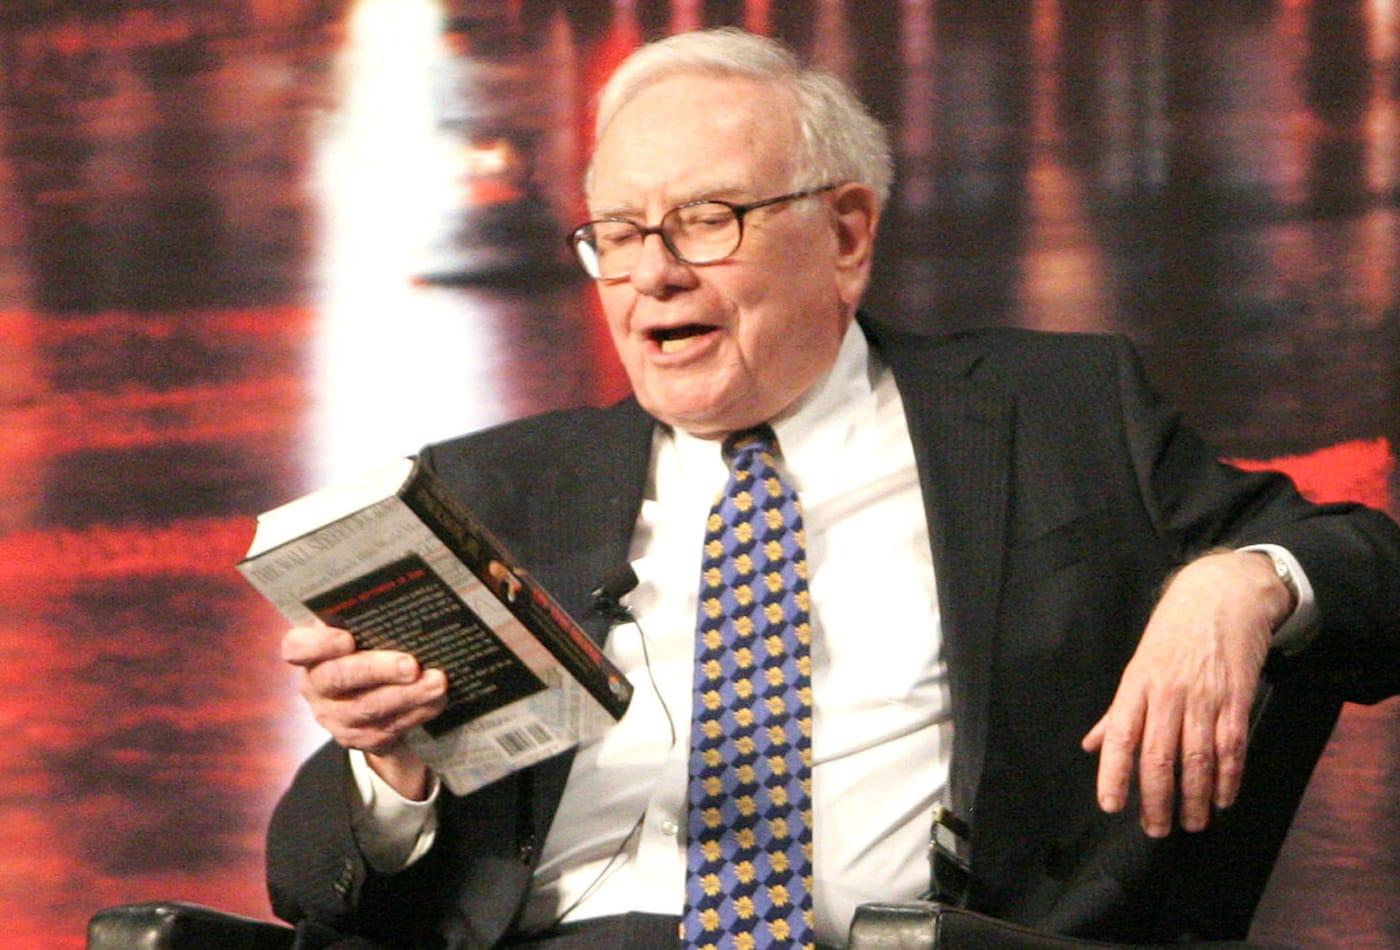 triet ly dau tu cua nhung vi tai phiet tang truong tai san manh nhat the gioi trong thap ky qua Tỷ phú Warren Buffett tiêu tiền như thế nào?